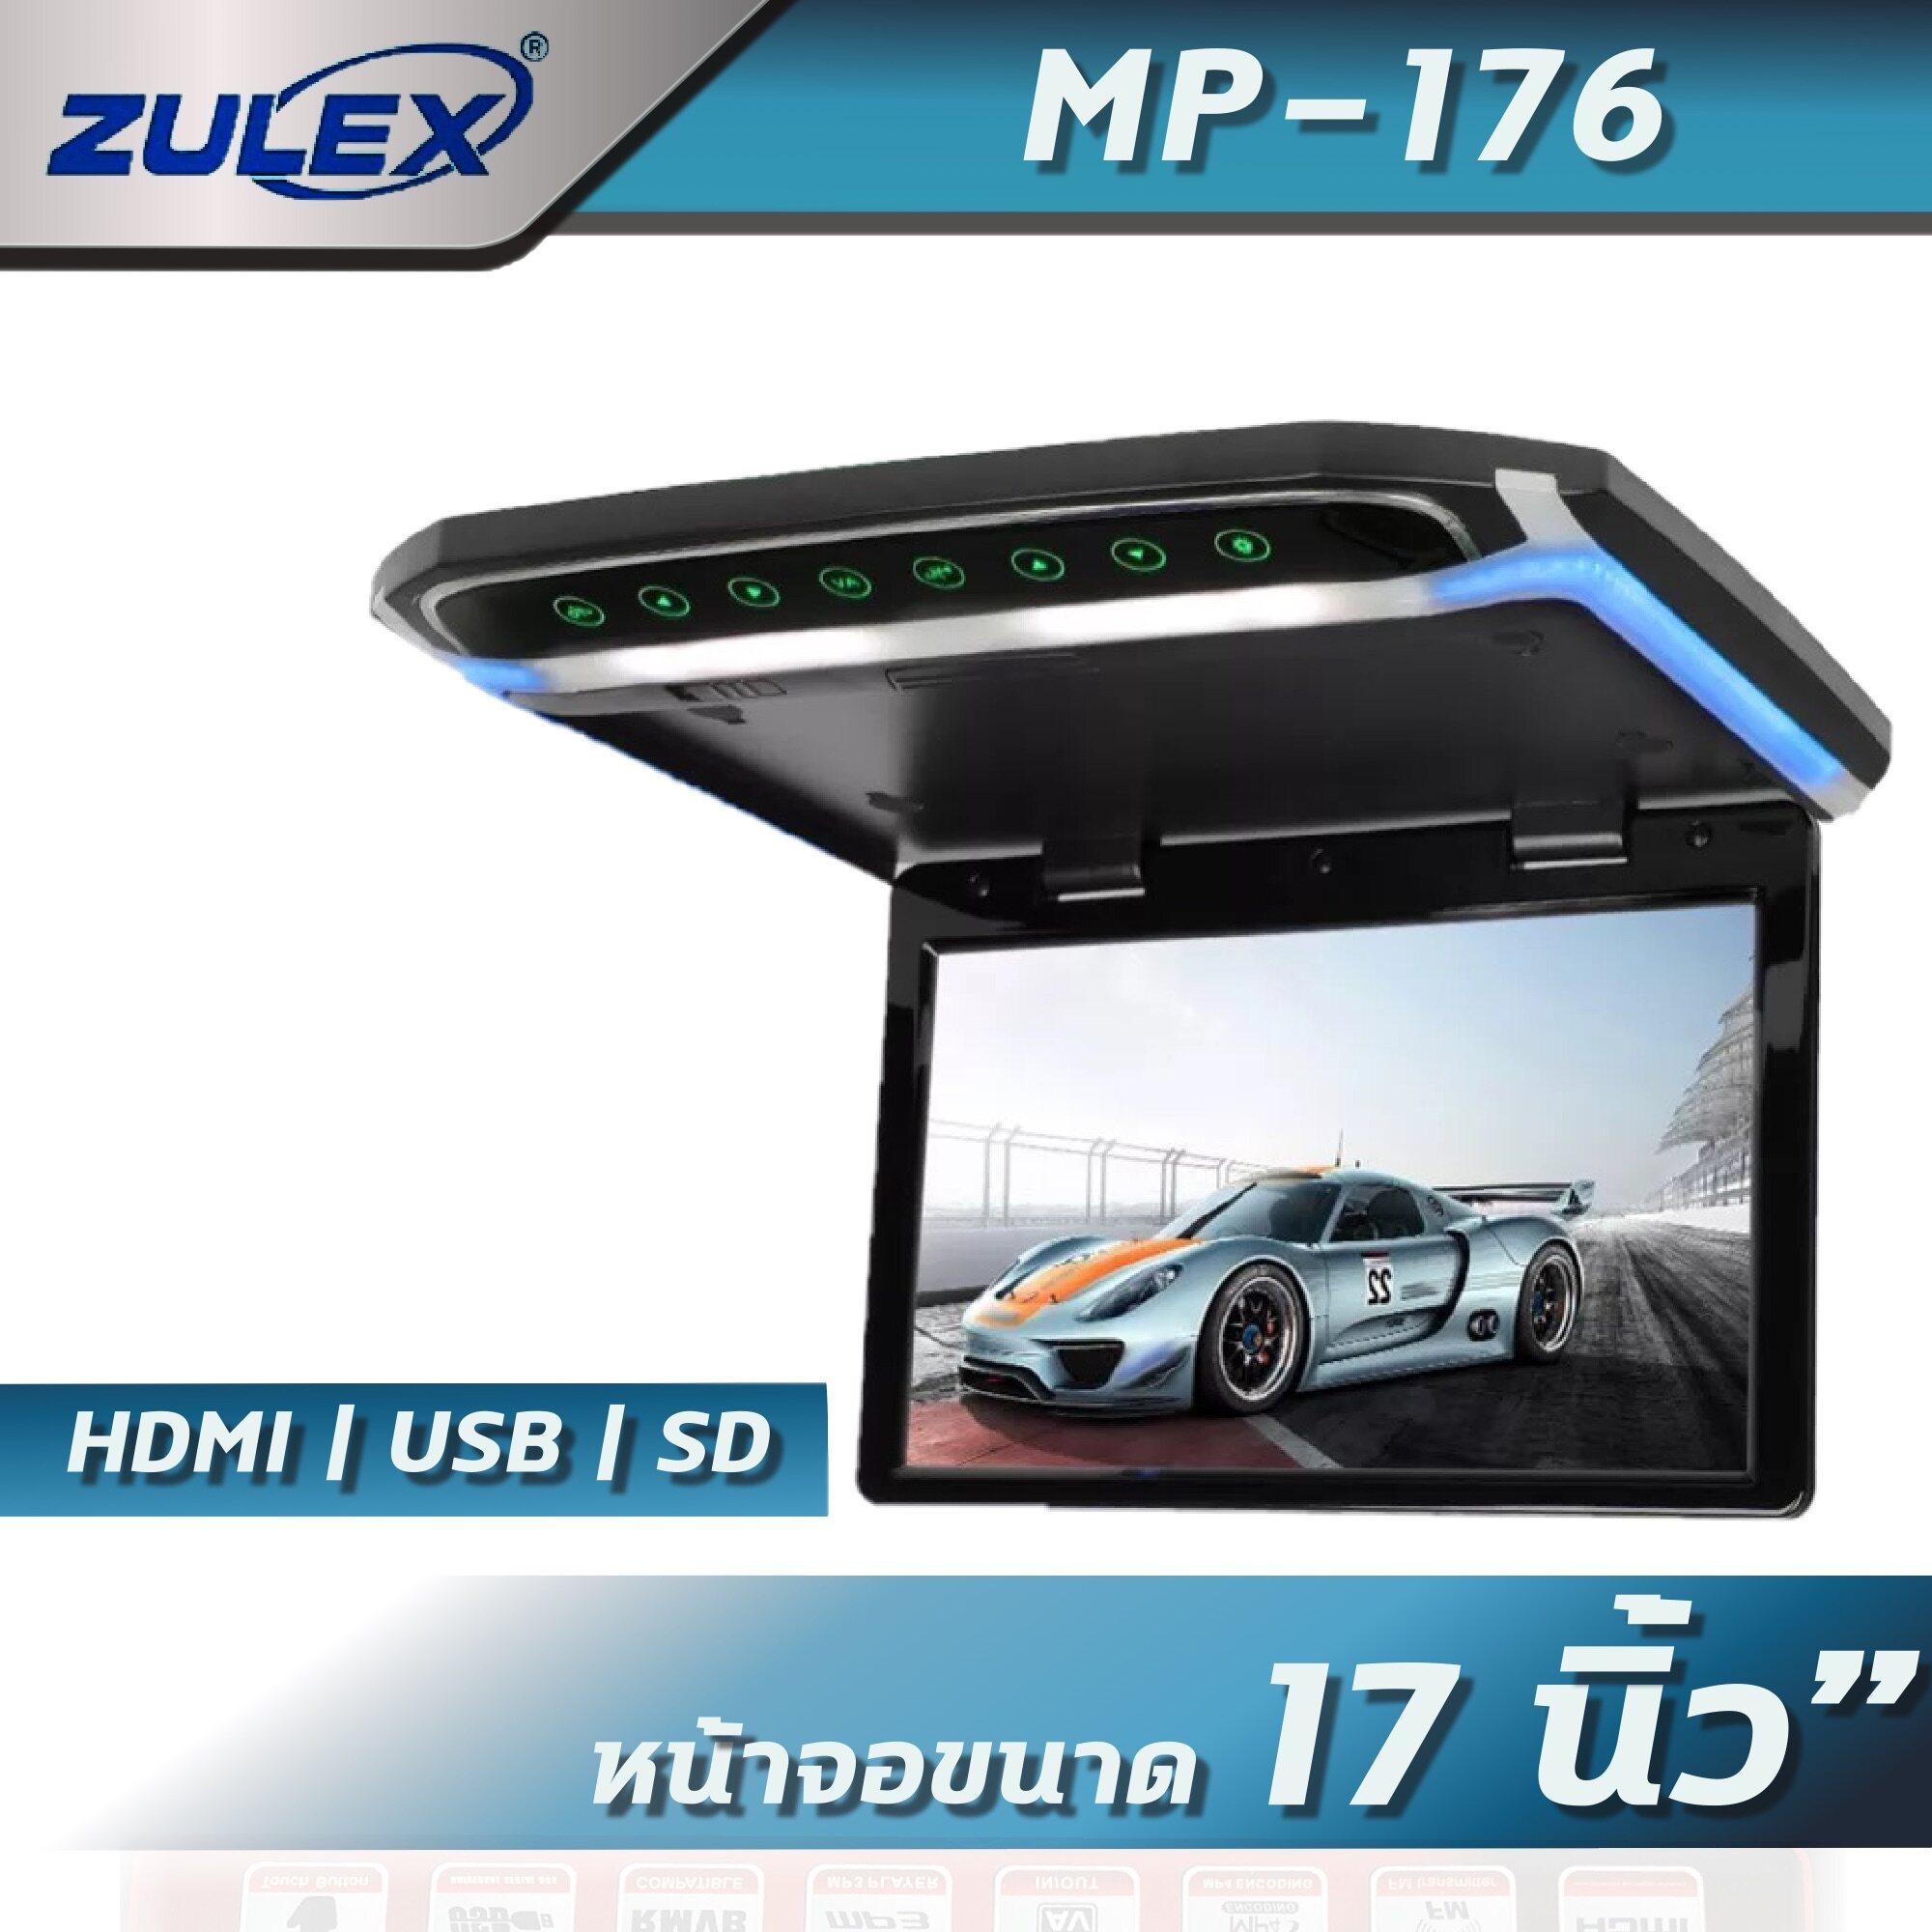 Zulex จอเพดานติดรถยนต์ขนาด 17 นิ้ว (บางเพียง 30 มม.).